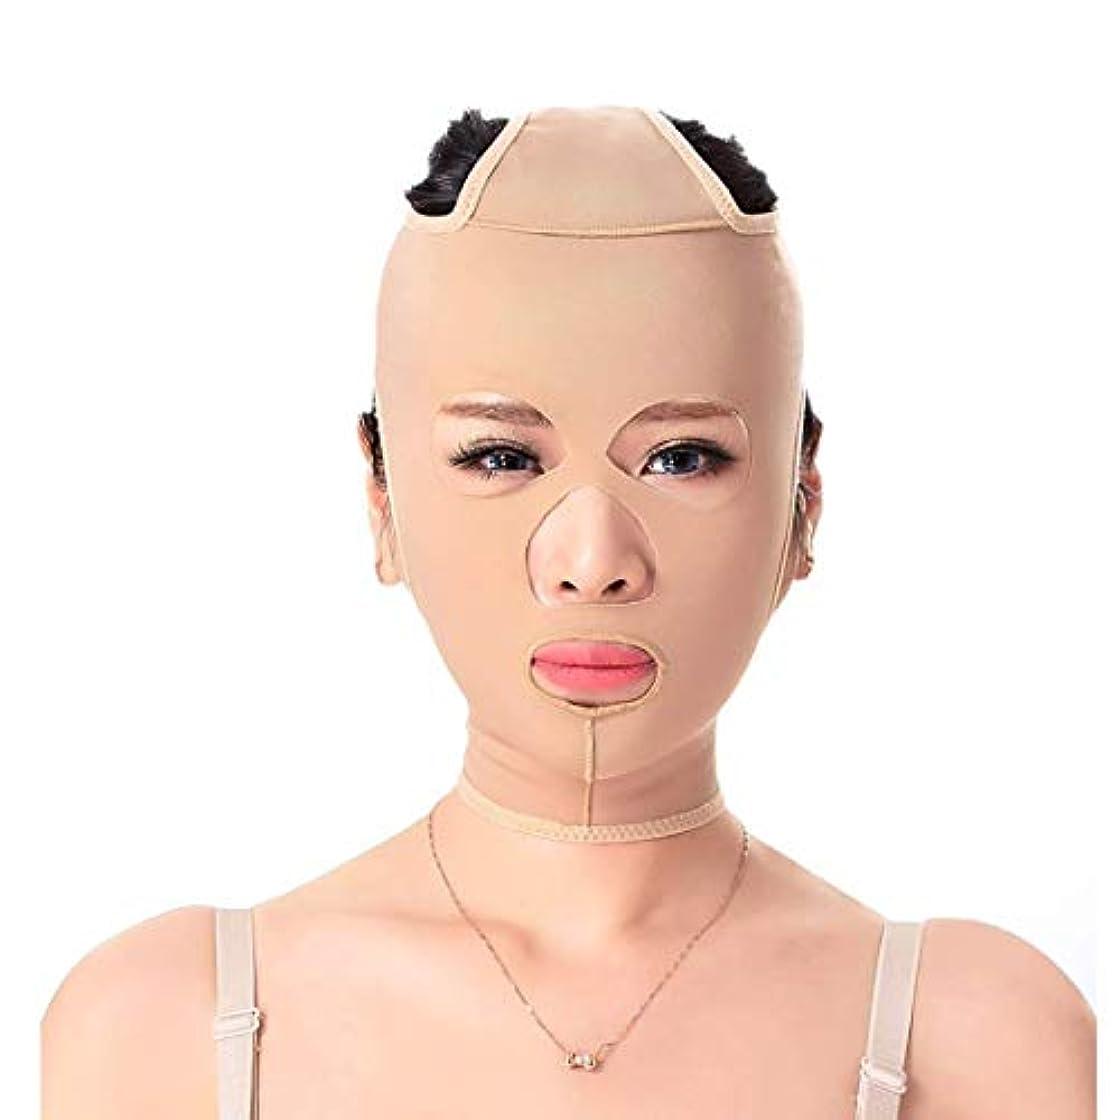 リネンヘッジ感情のスリミングベルト、フェイシャルマスク薄いフェイスマスク布布パターンリフティングダブルあご引き締めフェイシャルプラスチック顔アーティファクト強力な顔包帯(サイズ:S)